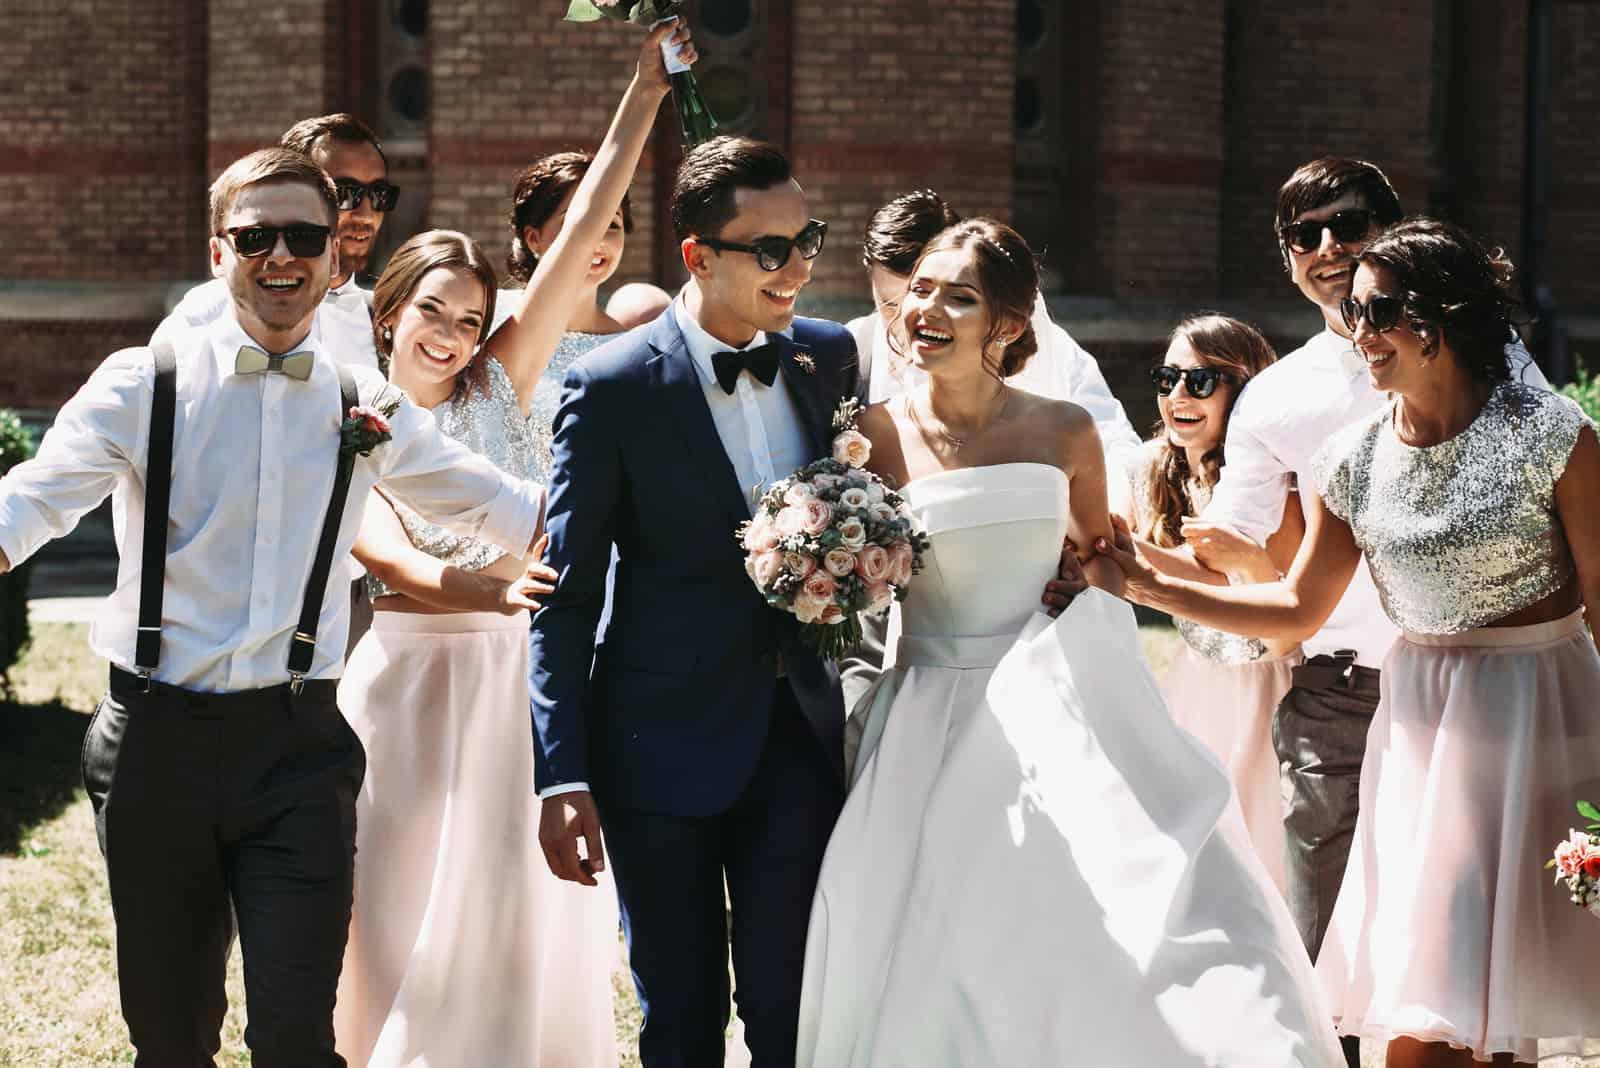 Brautpaar, Brautjungfern und Trauzeugen haben Spaß im Freien